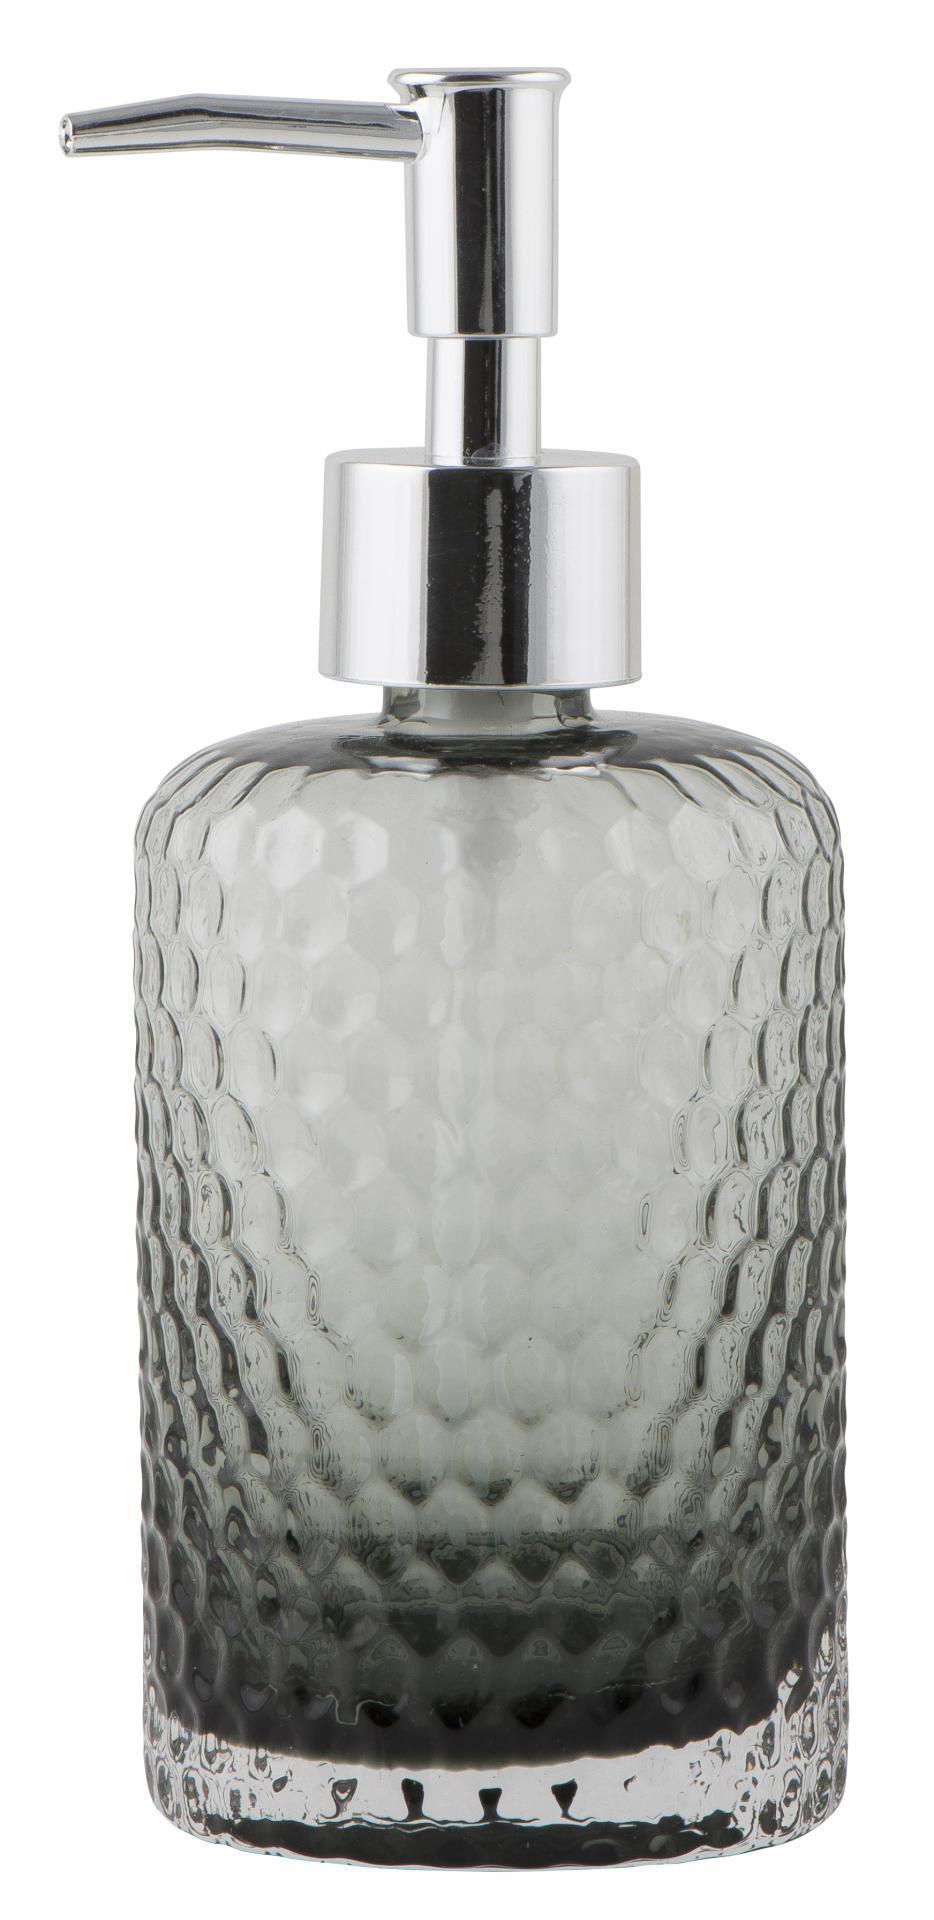 IB LAURSEN Zásobník na mýdlo Grey glass